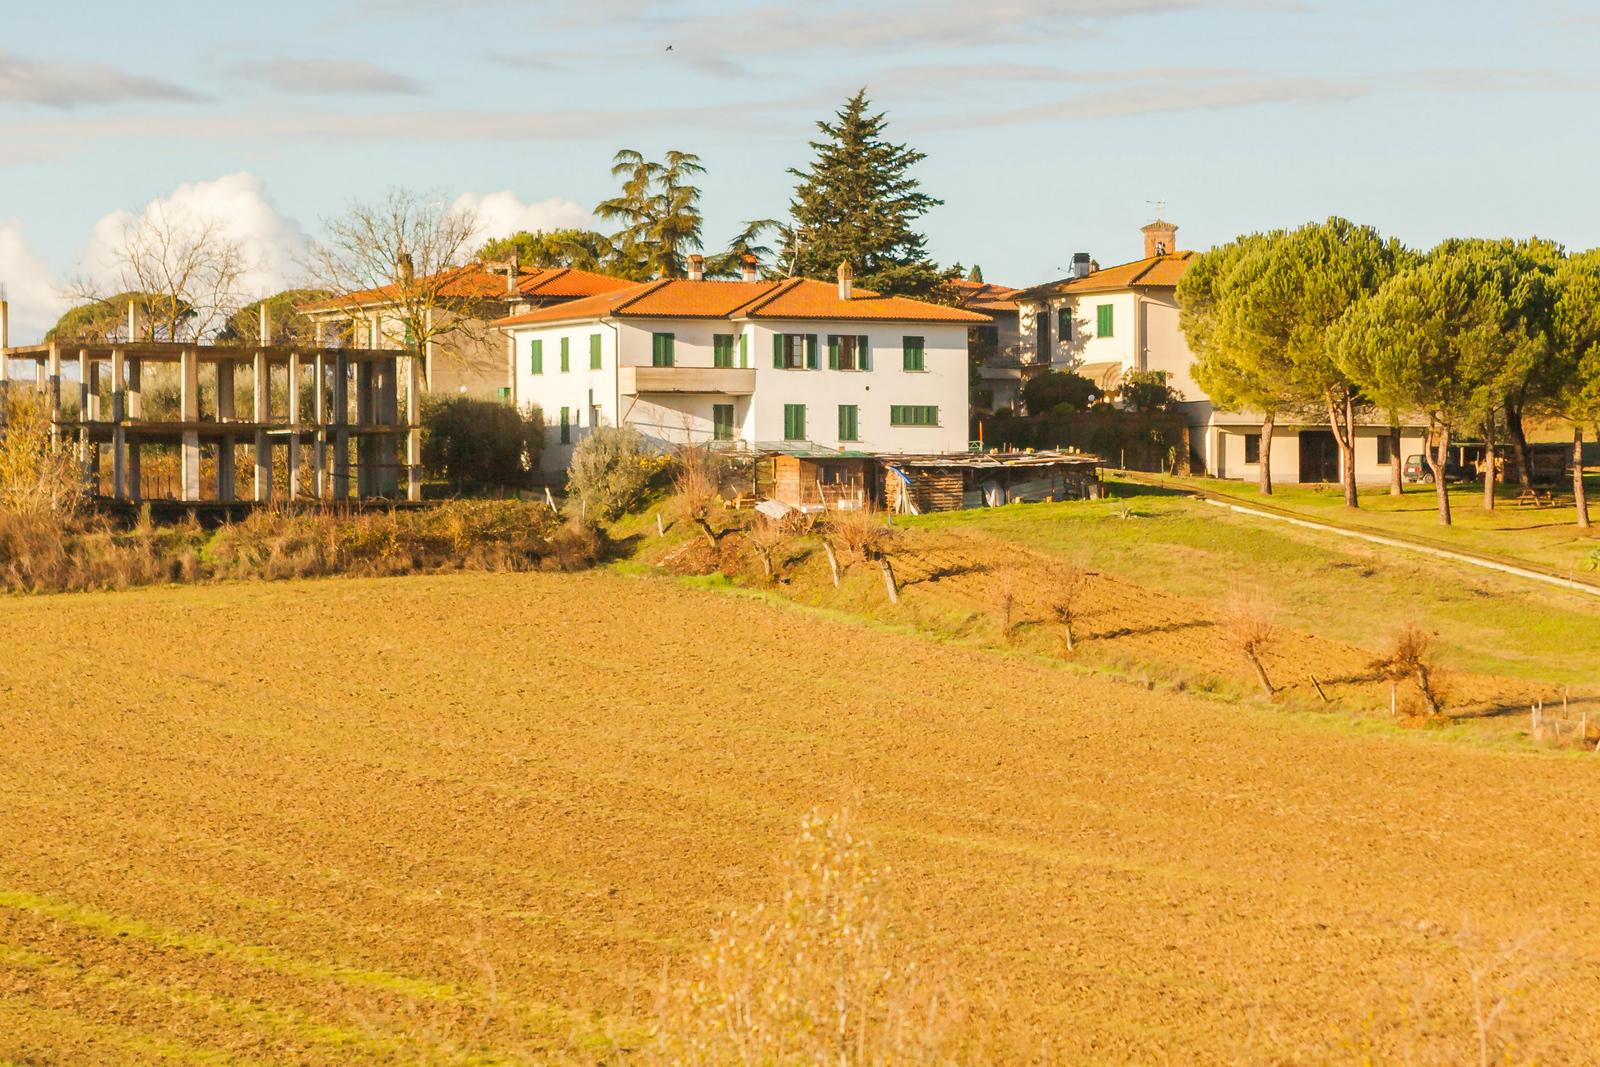 意大利路途,秋后的农村